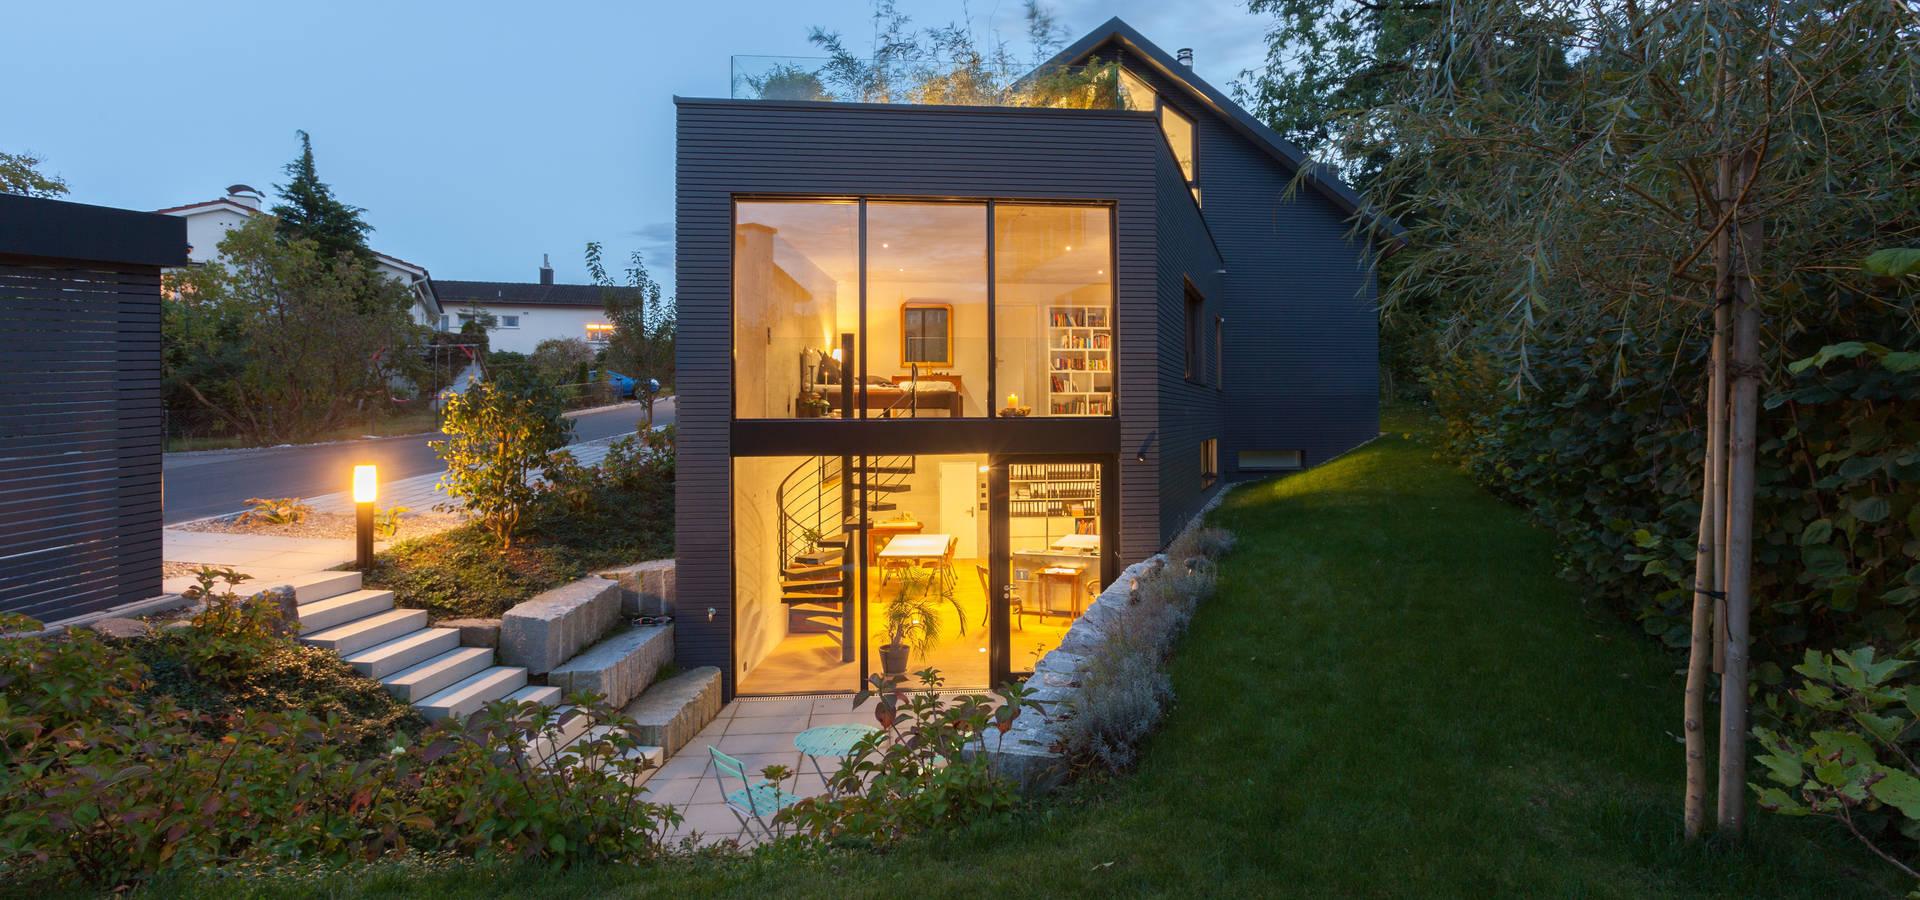 von Mann Architektur GmbH